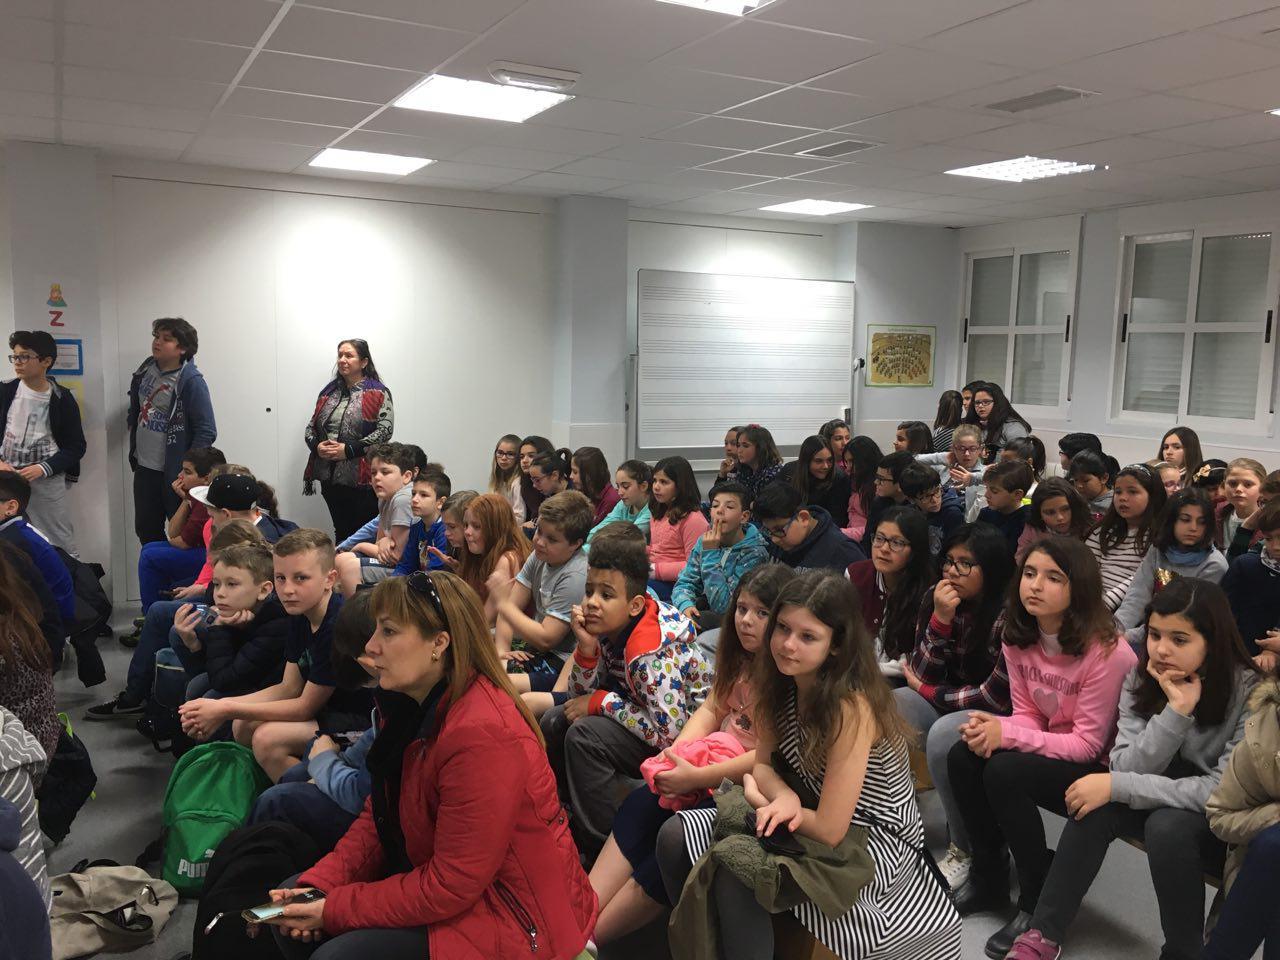 El CEIP Andrés García Soler participa enproyectos con colegios de Letonia, Inglaterra e Italia